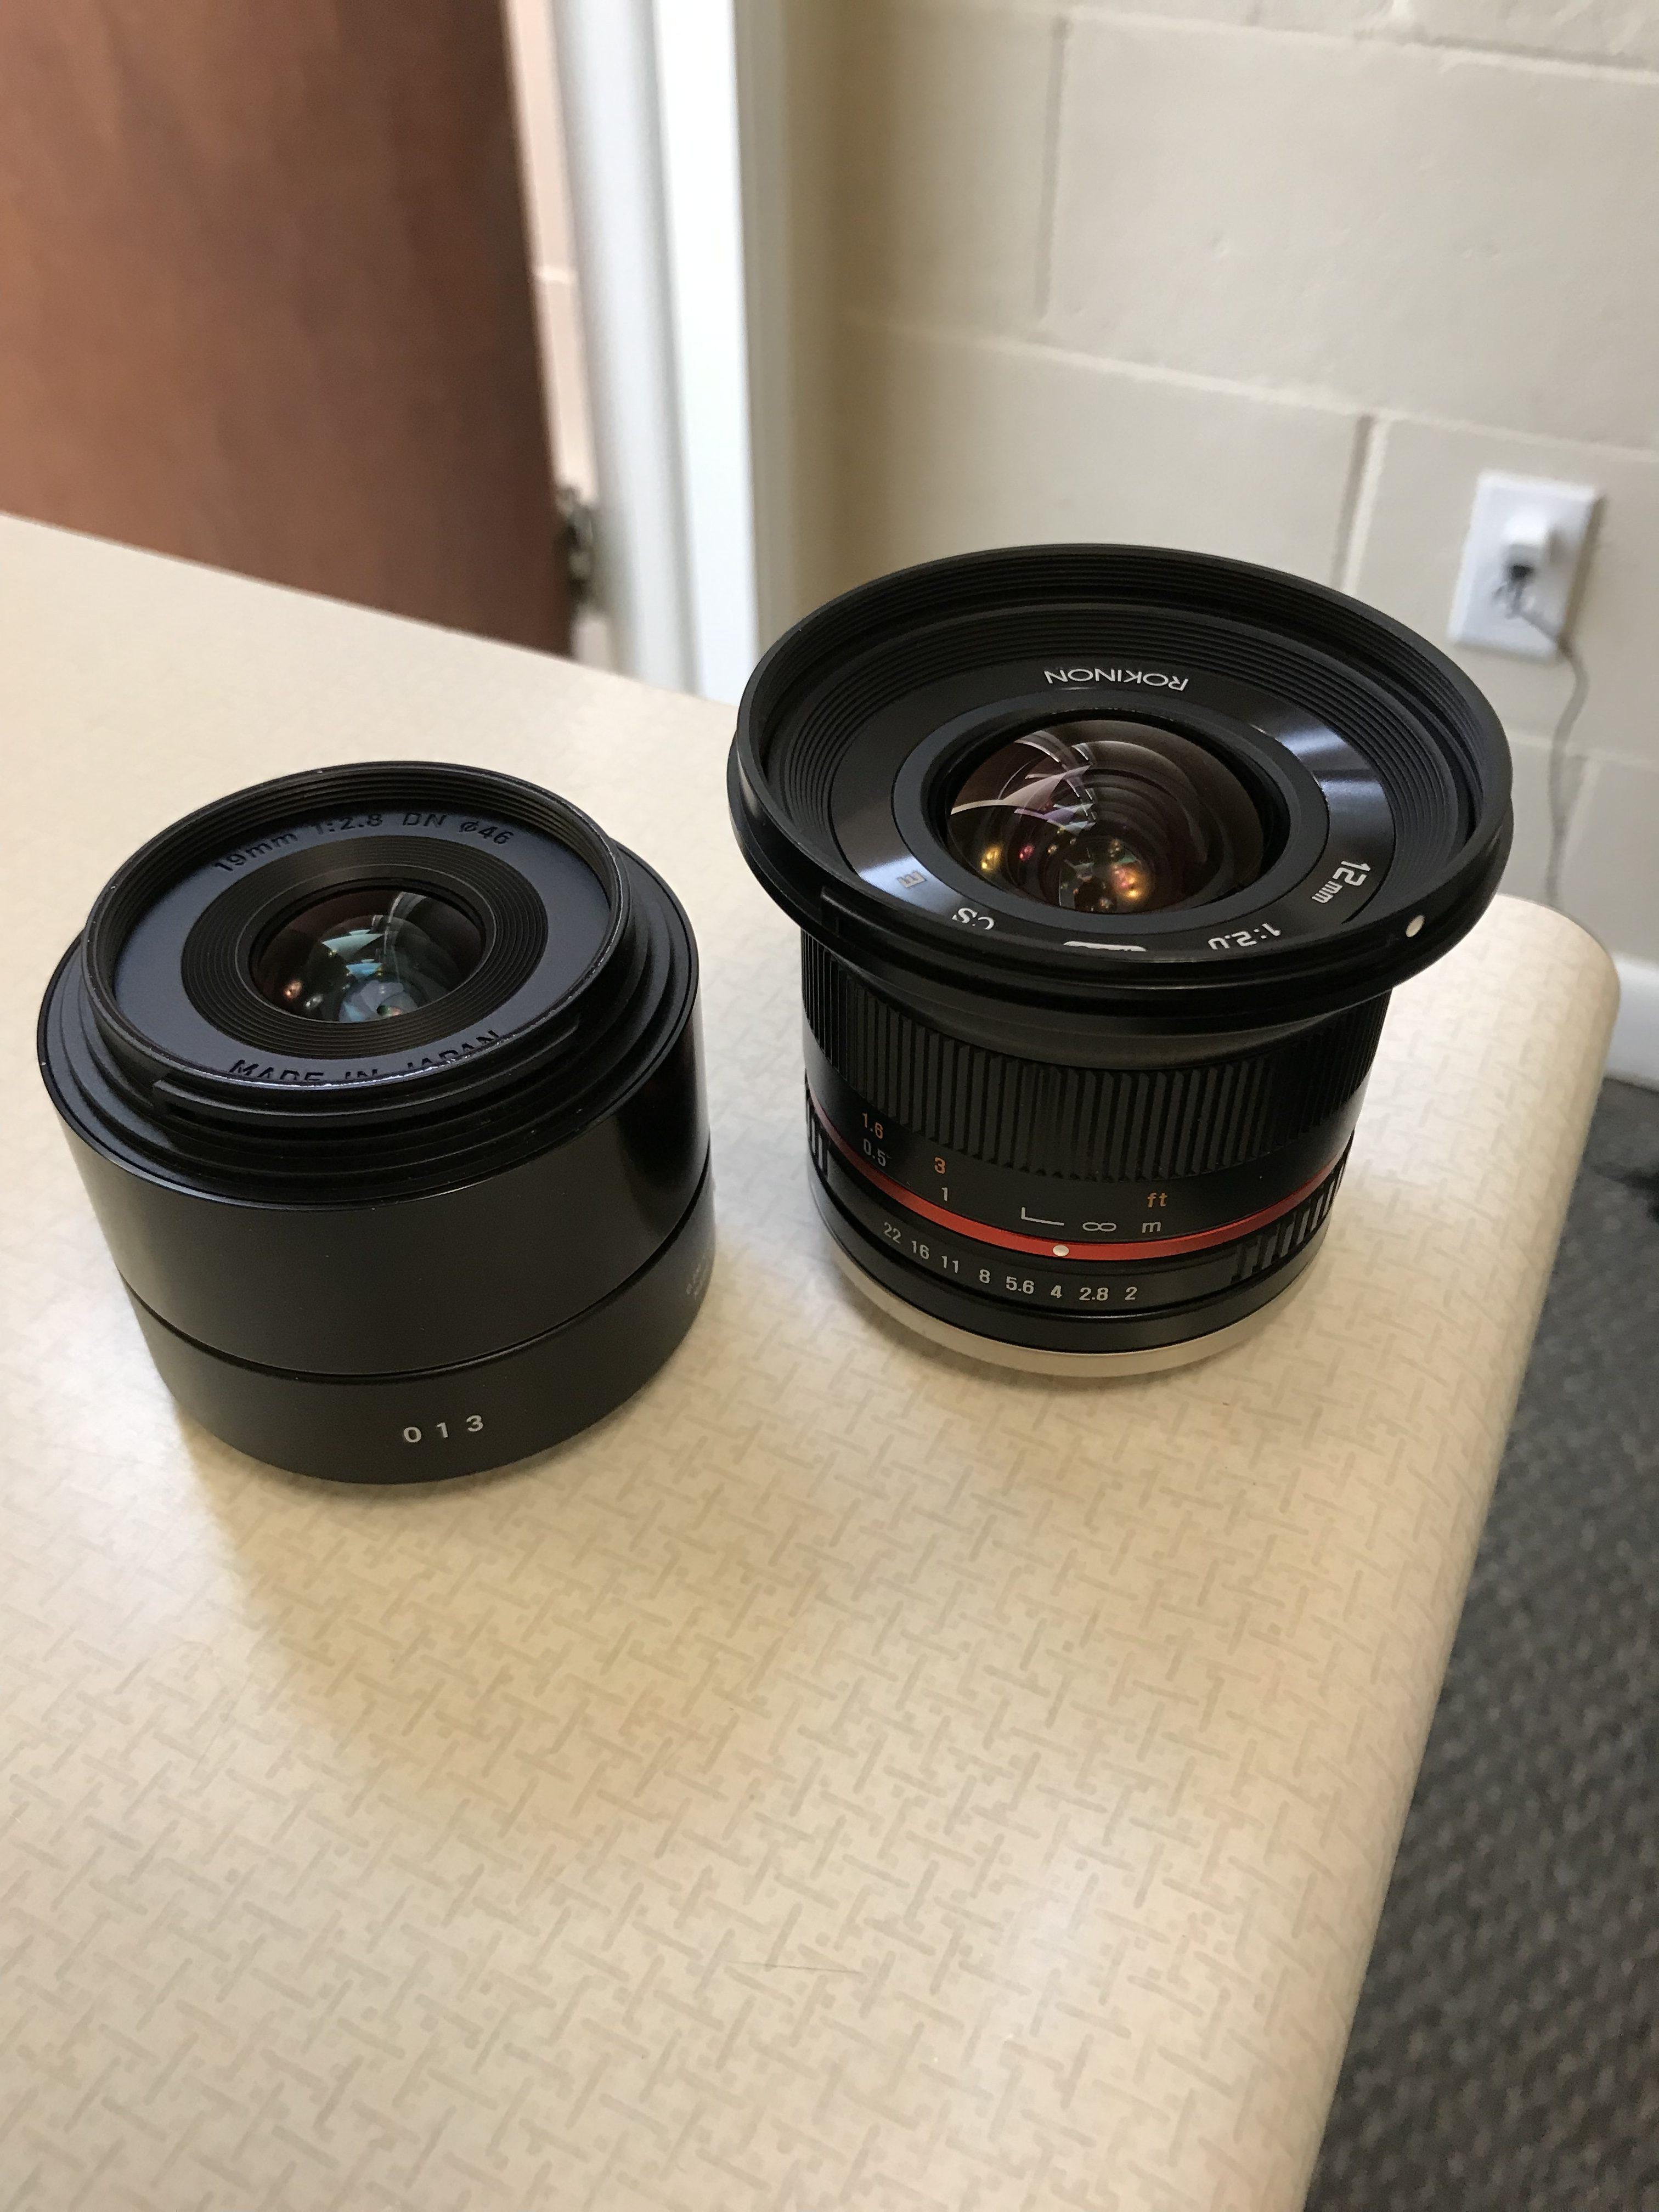 Lens Swap! - The Trek